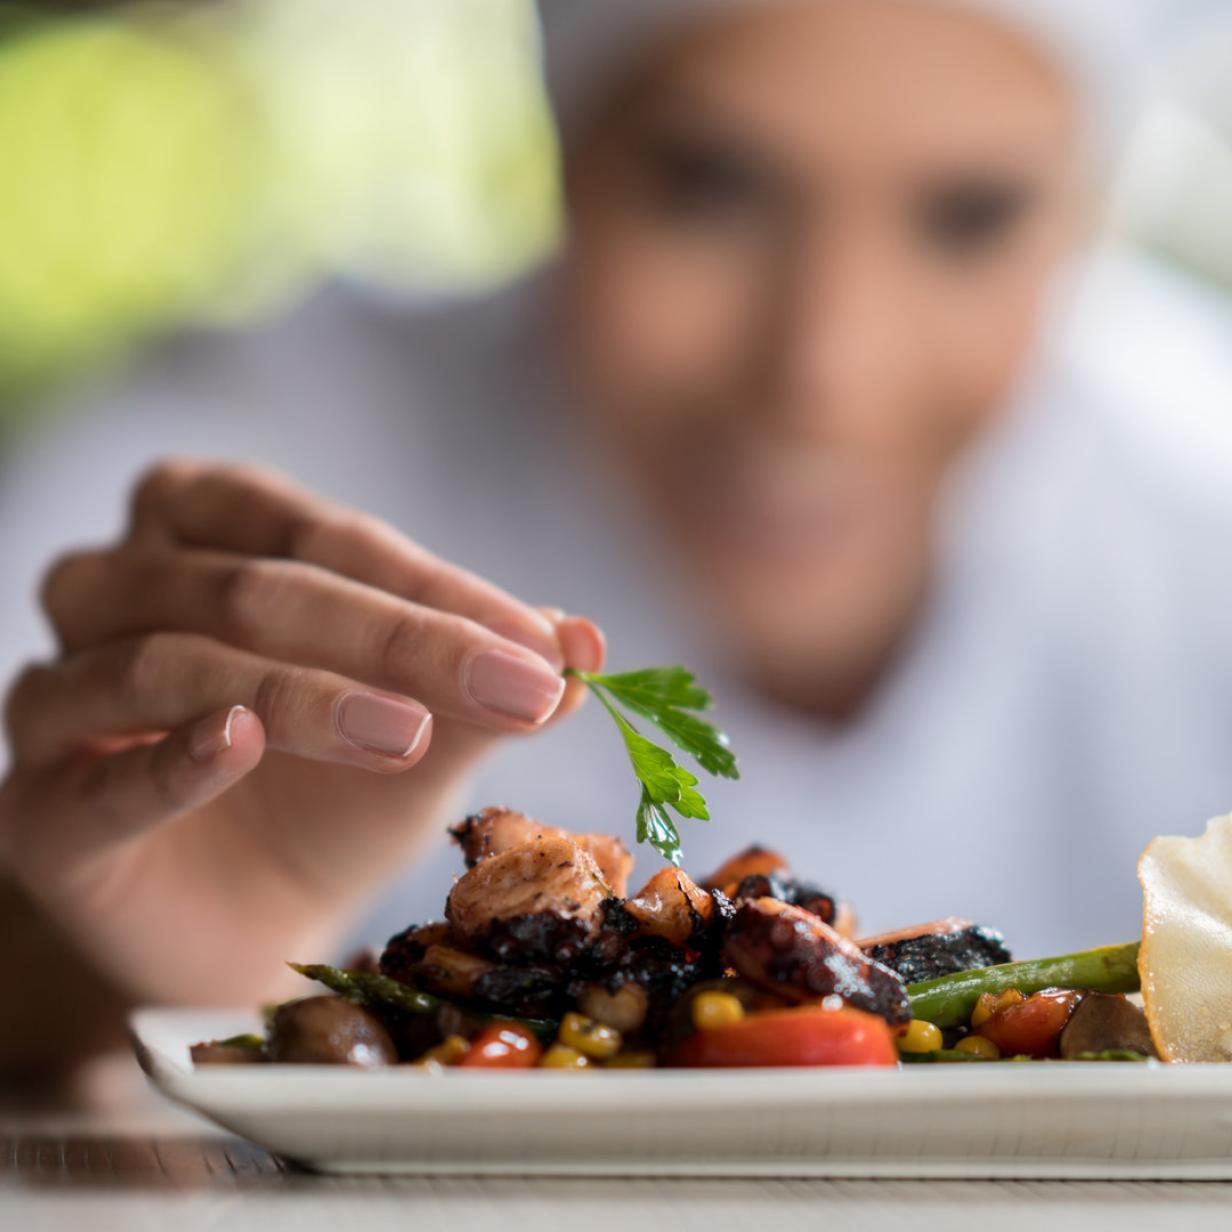 Köchin nach 31 Jahren gekündigt: Gastwirt wollte sich 30.000 Euro sparen